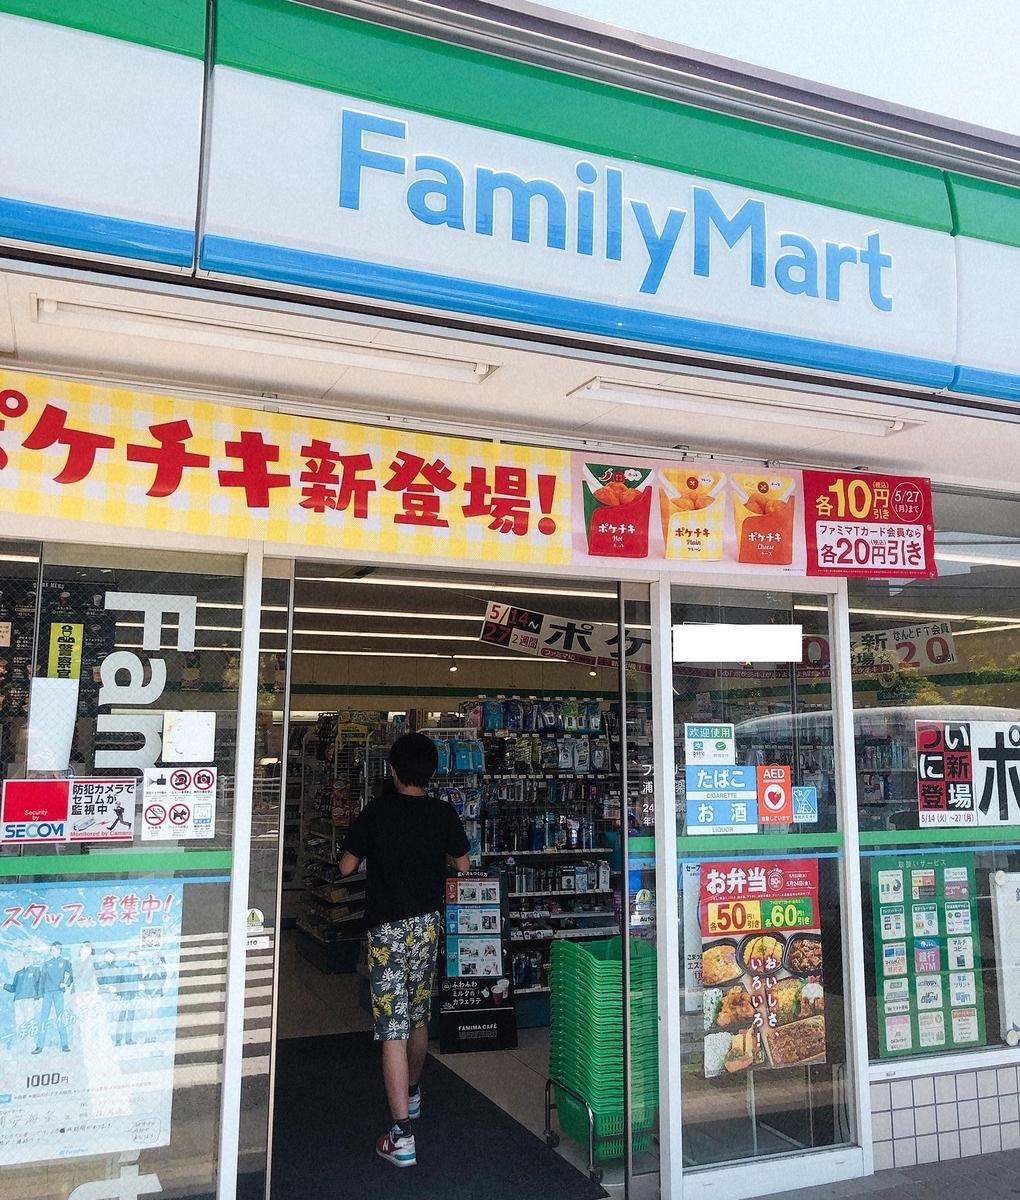 ファミリーマートの入り口